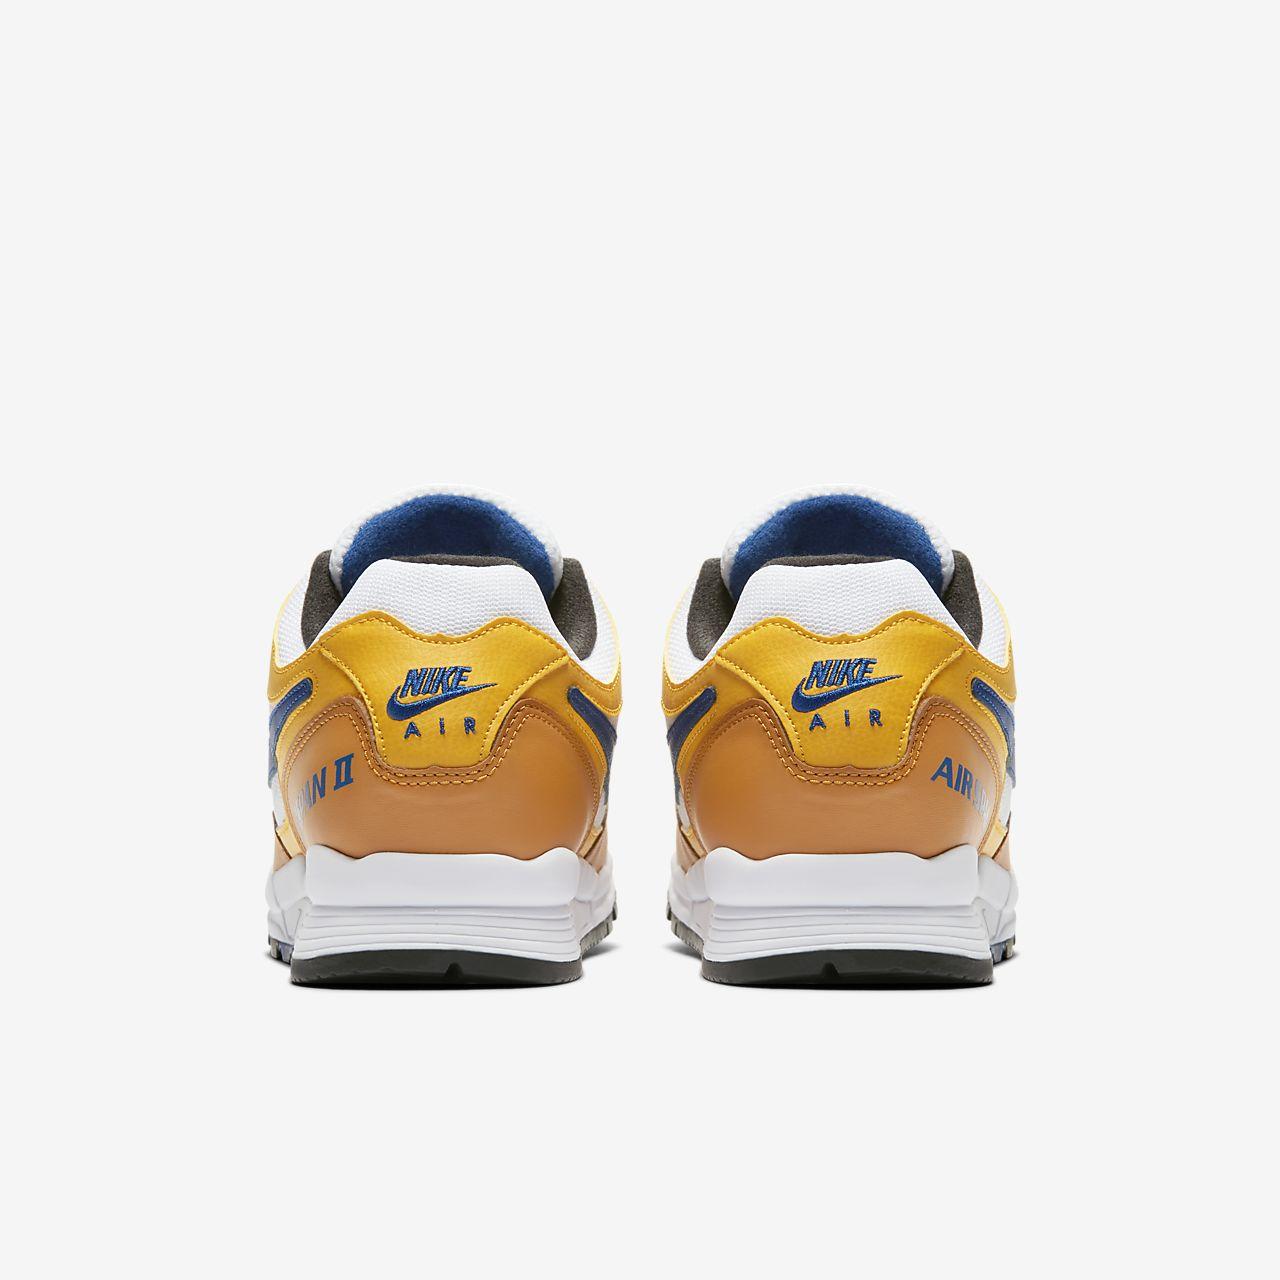 0cb499ccf0c43 Calzado para hombre Nike Air Span II. Nike.com MX